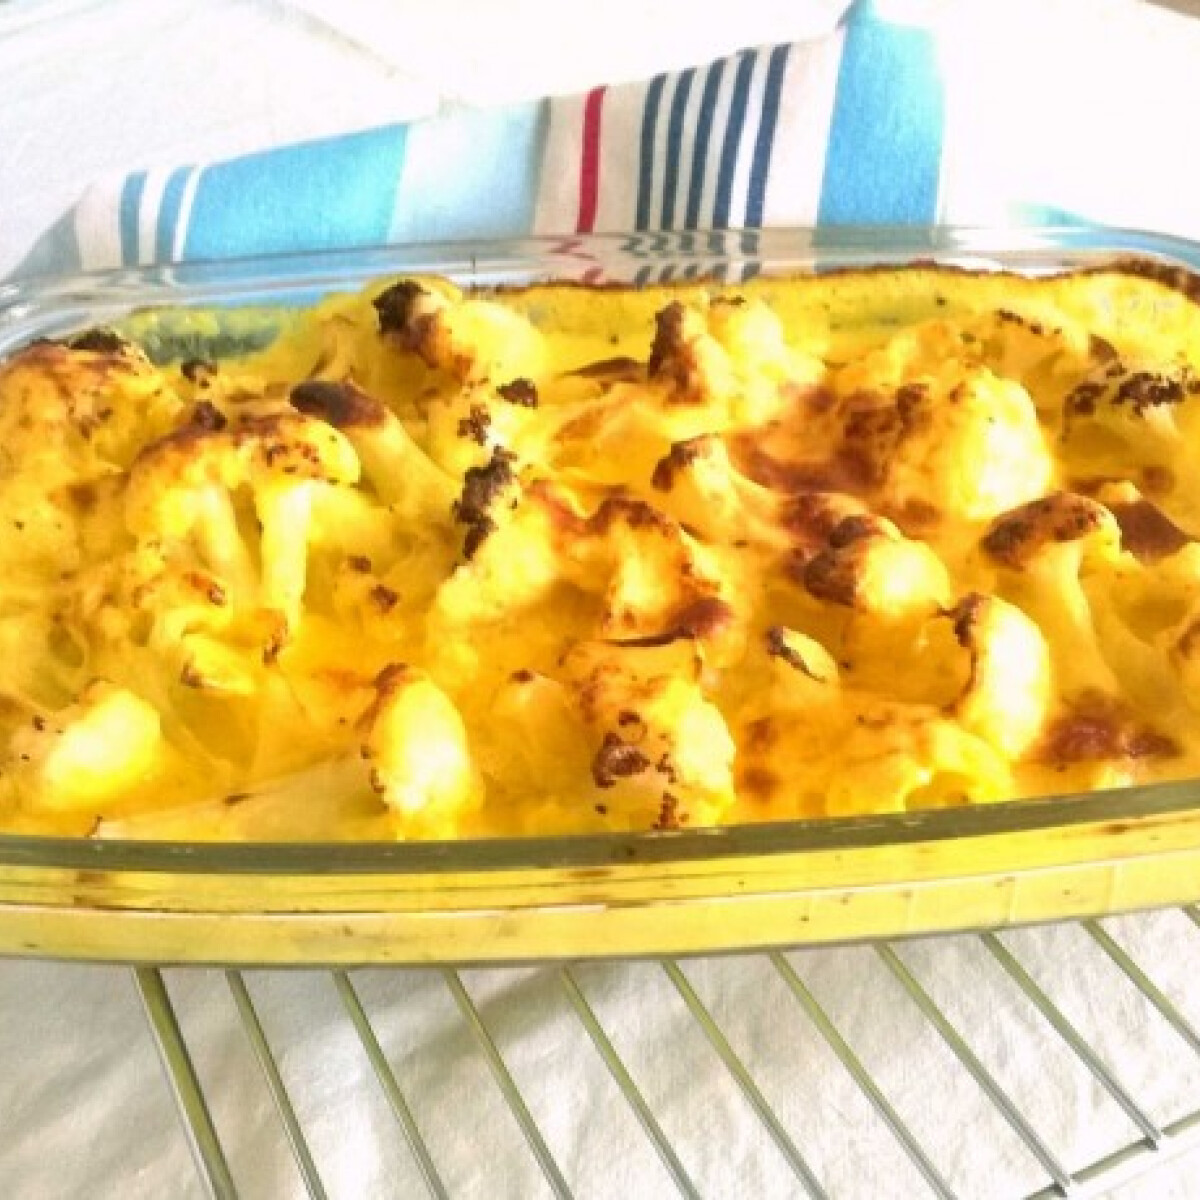 Ezen a képen: Kafiol sajtszószban sütve gluténmentesen